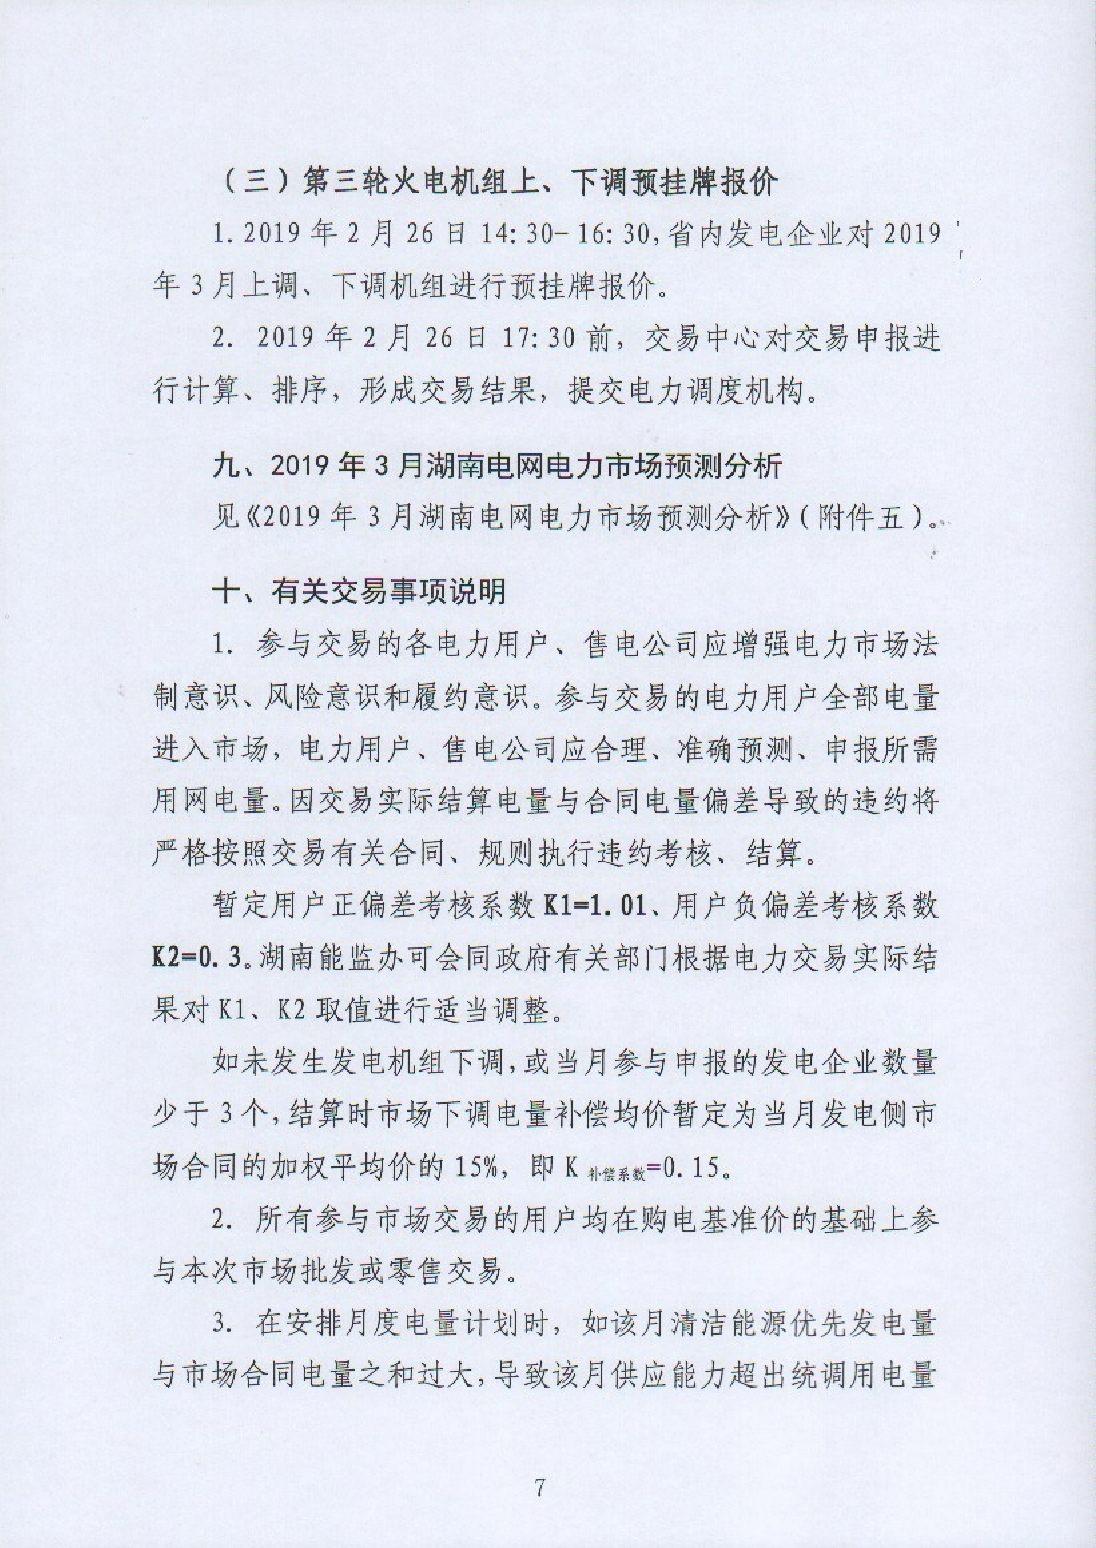 湖南電力交易中心有限公司關于2019年3月電力市場交易的公告.pdf_page_7_compressed.jpg